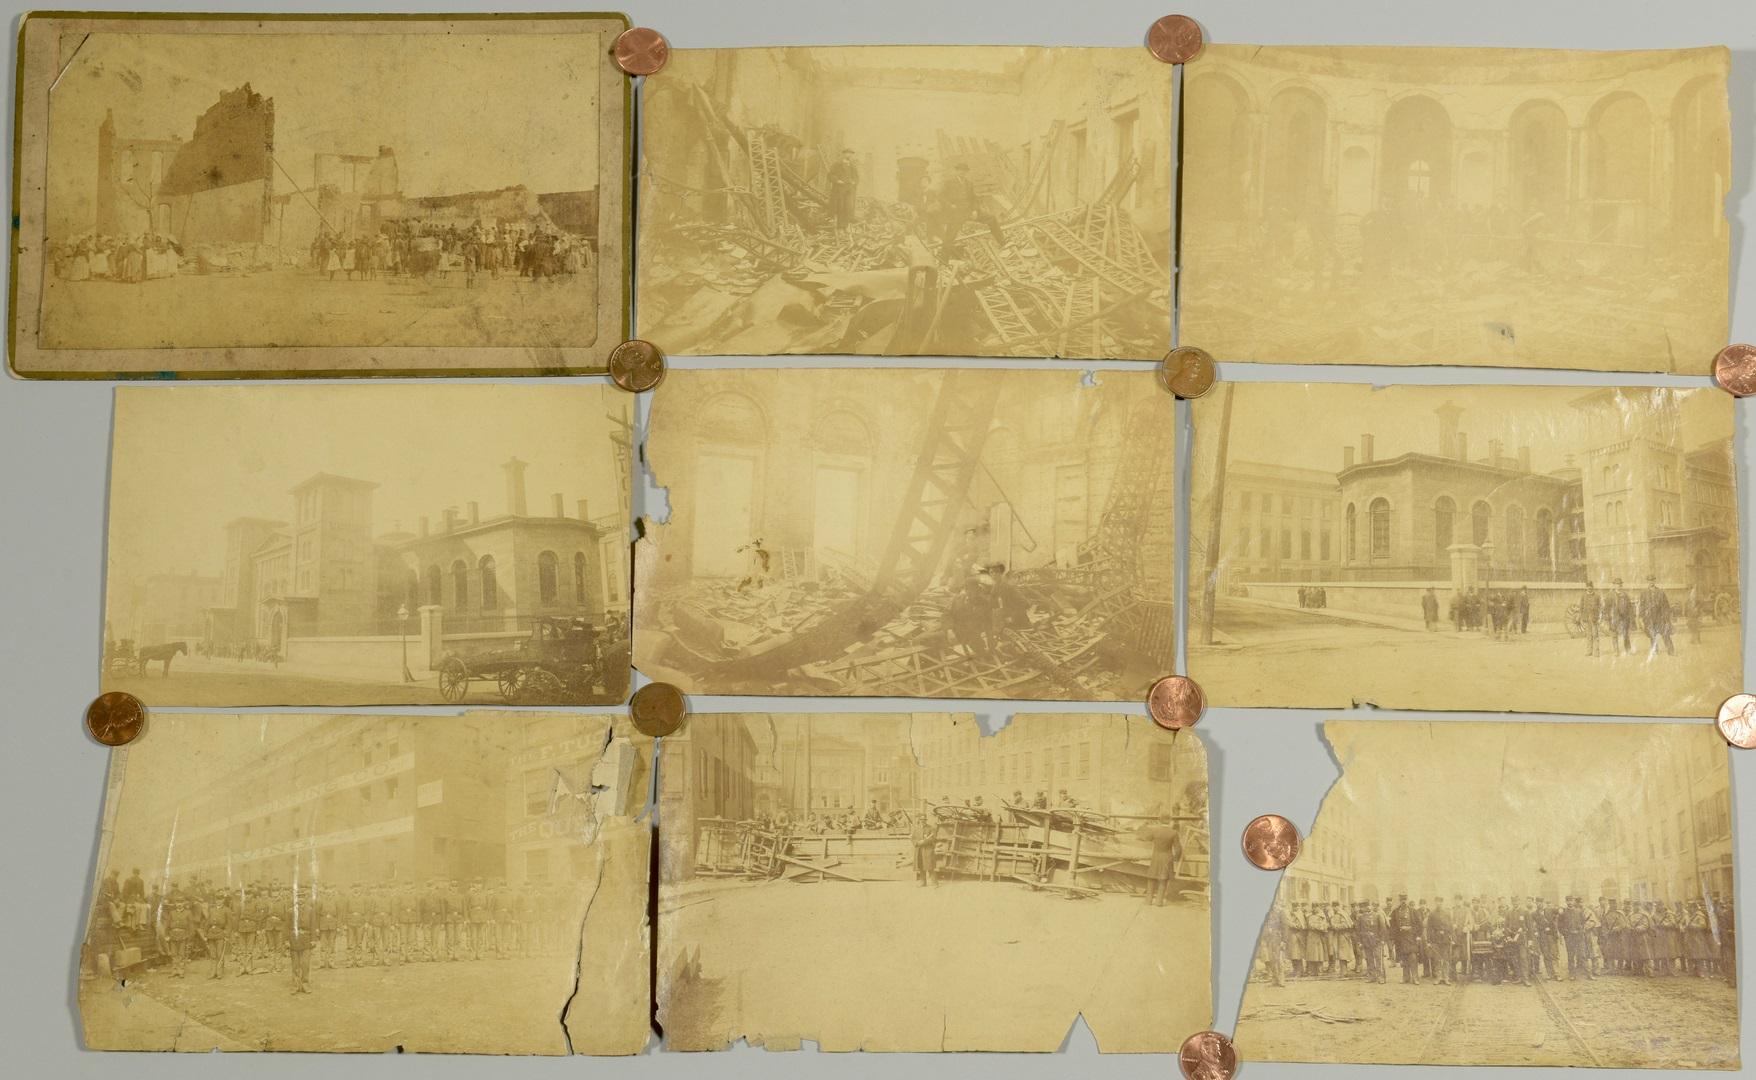 Cincinnati_riots_of_1884_7.jpg